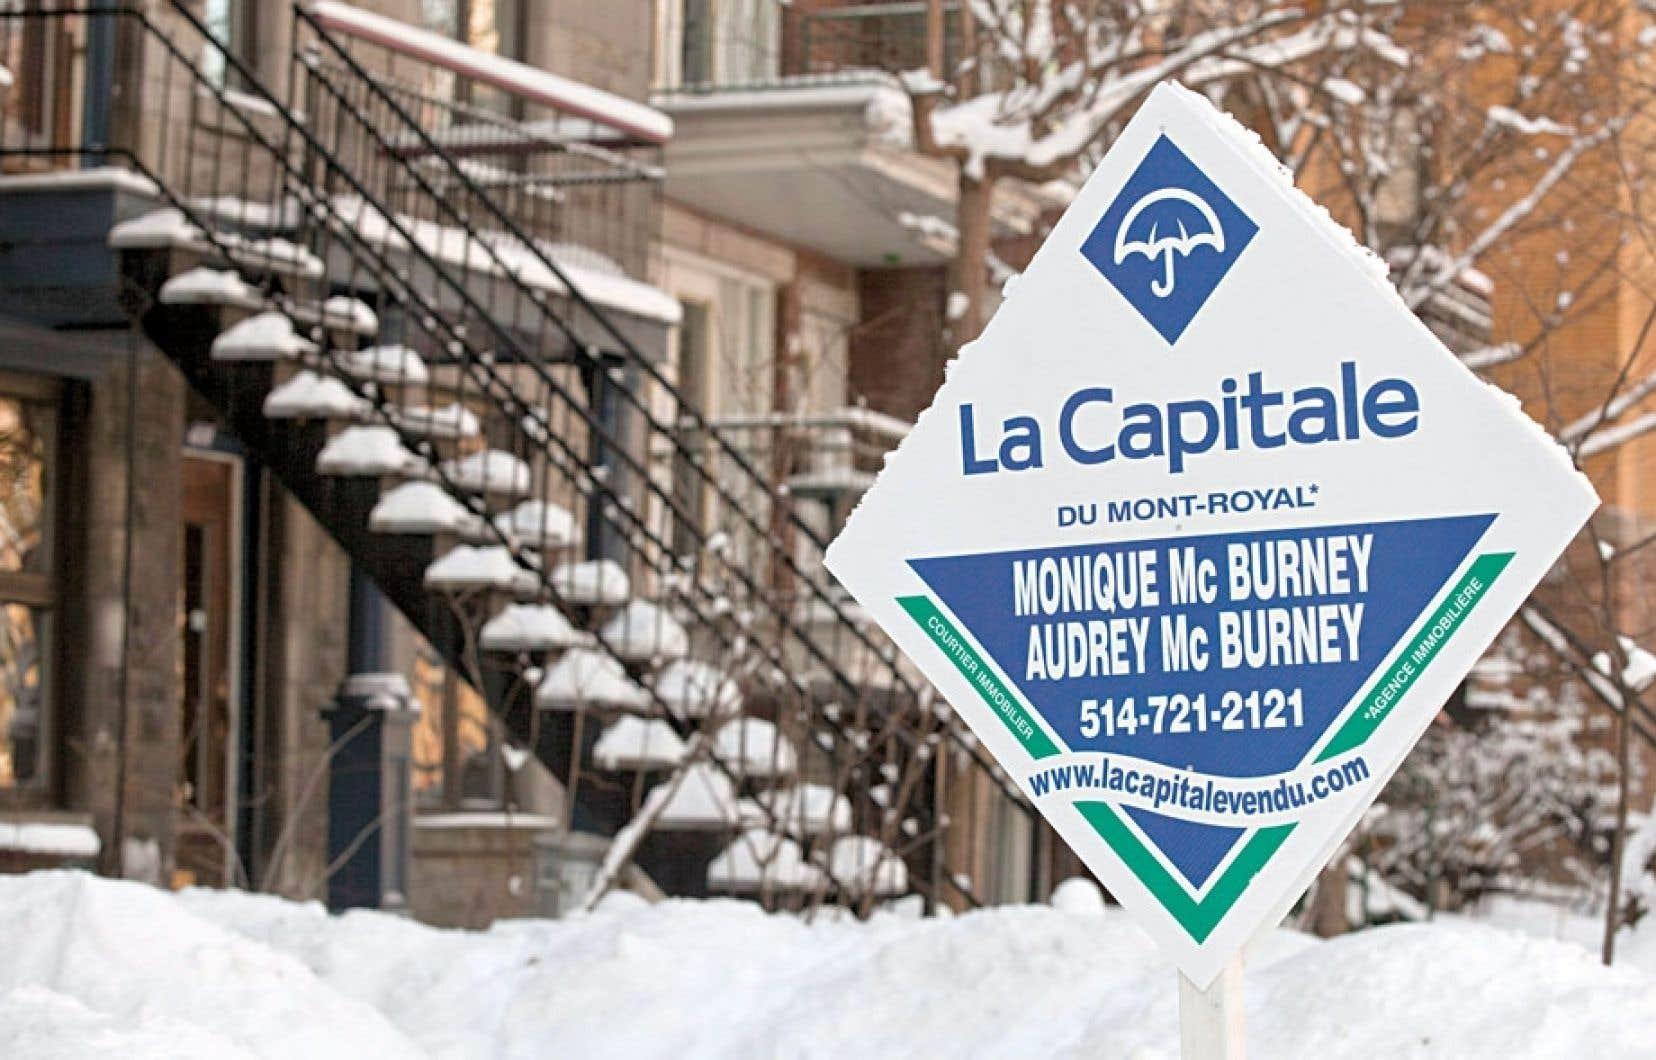 Ottawa a resserré ses règles hypothécaires au cours des années mais, juge le FMI, il faudrait que le gouvernement fasse un pas de plus afin de moins s'exposer au risque du système financier.